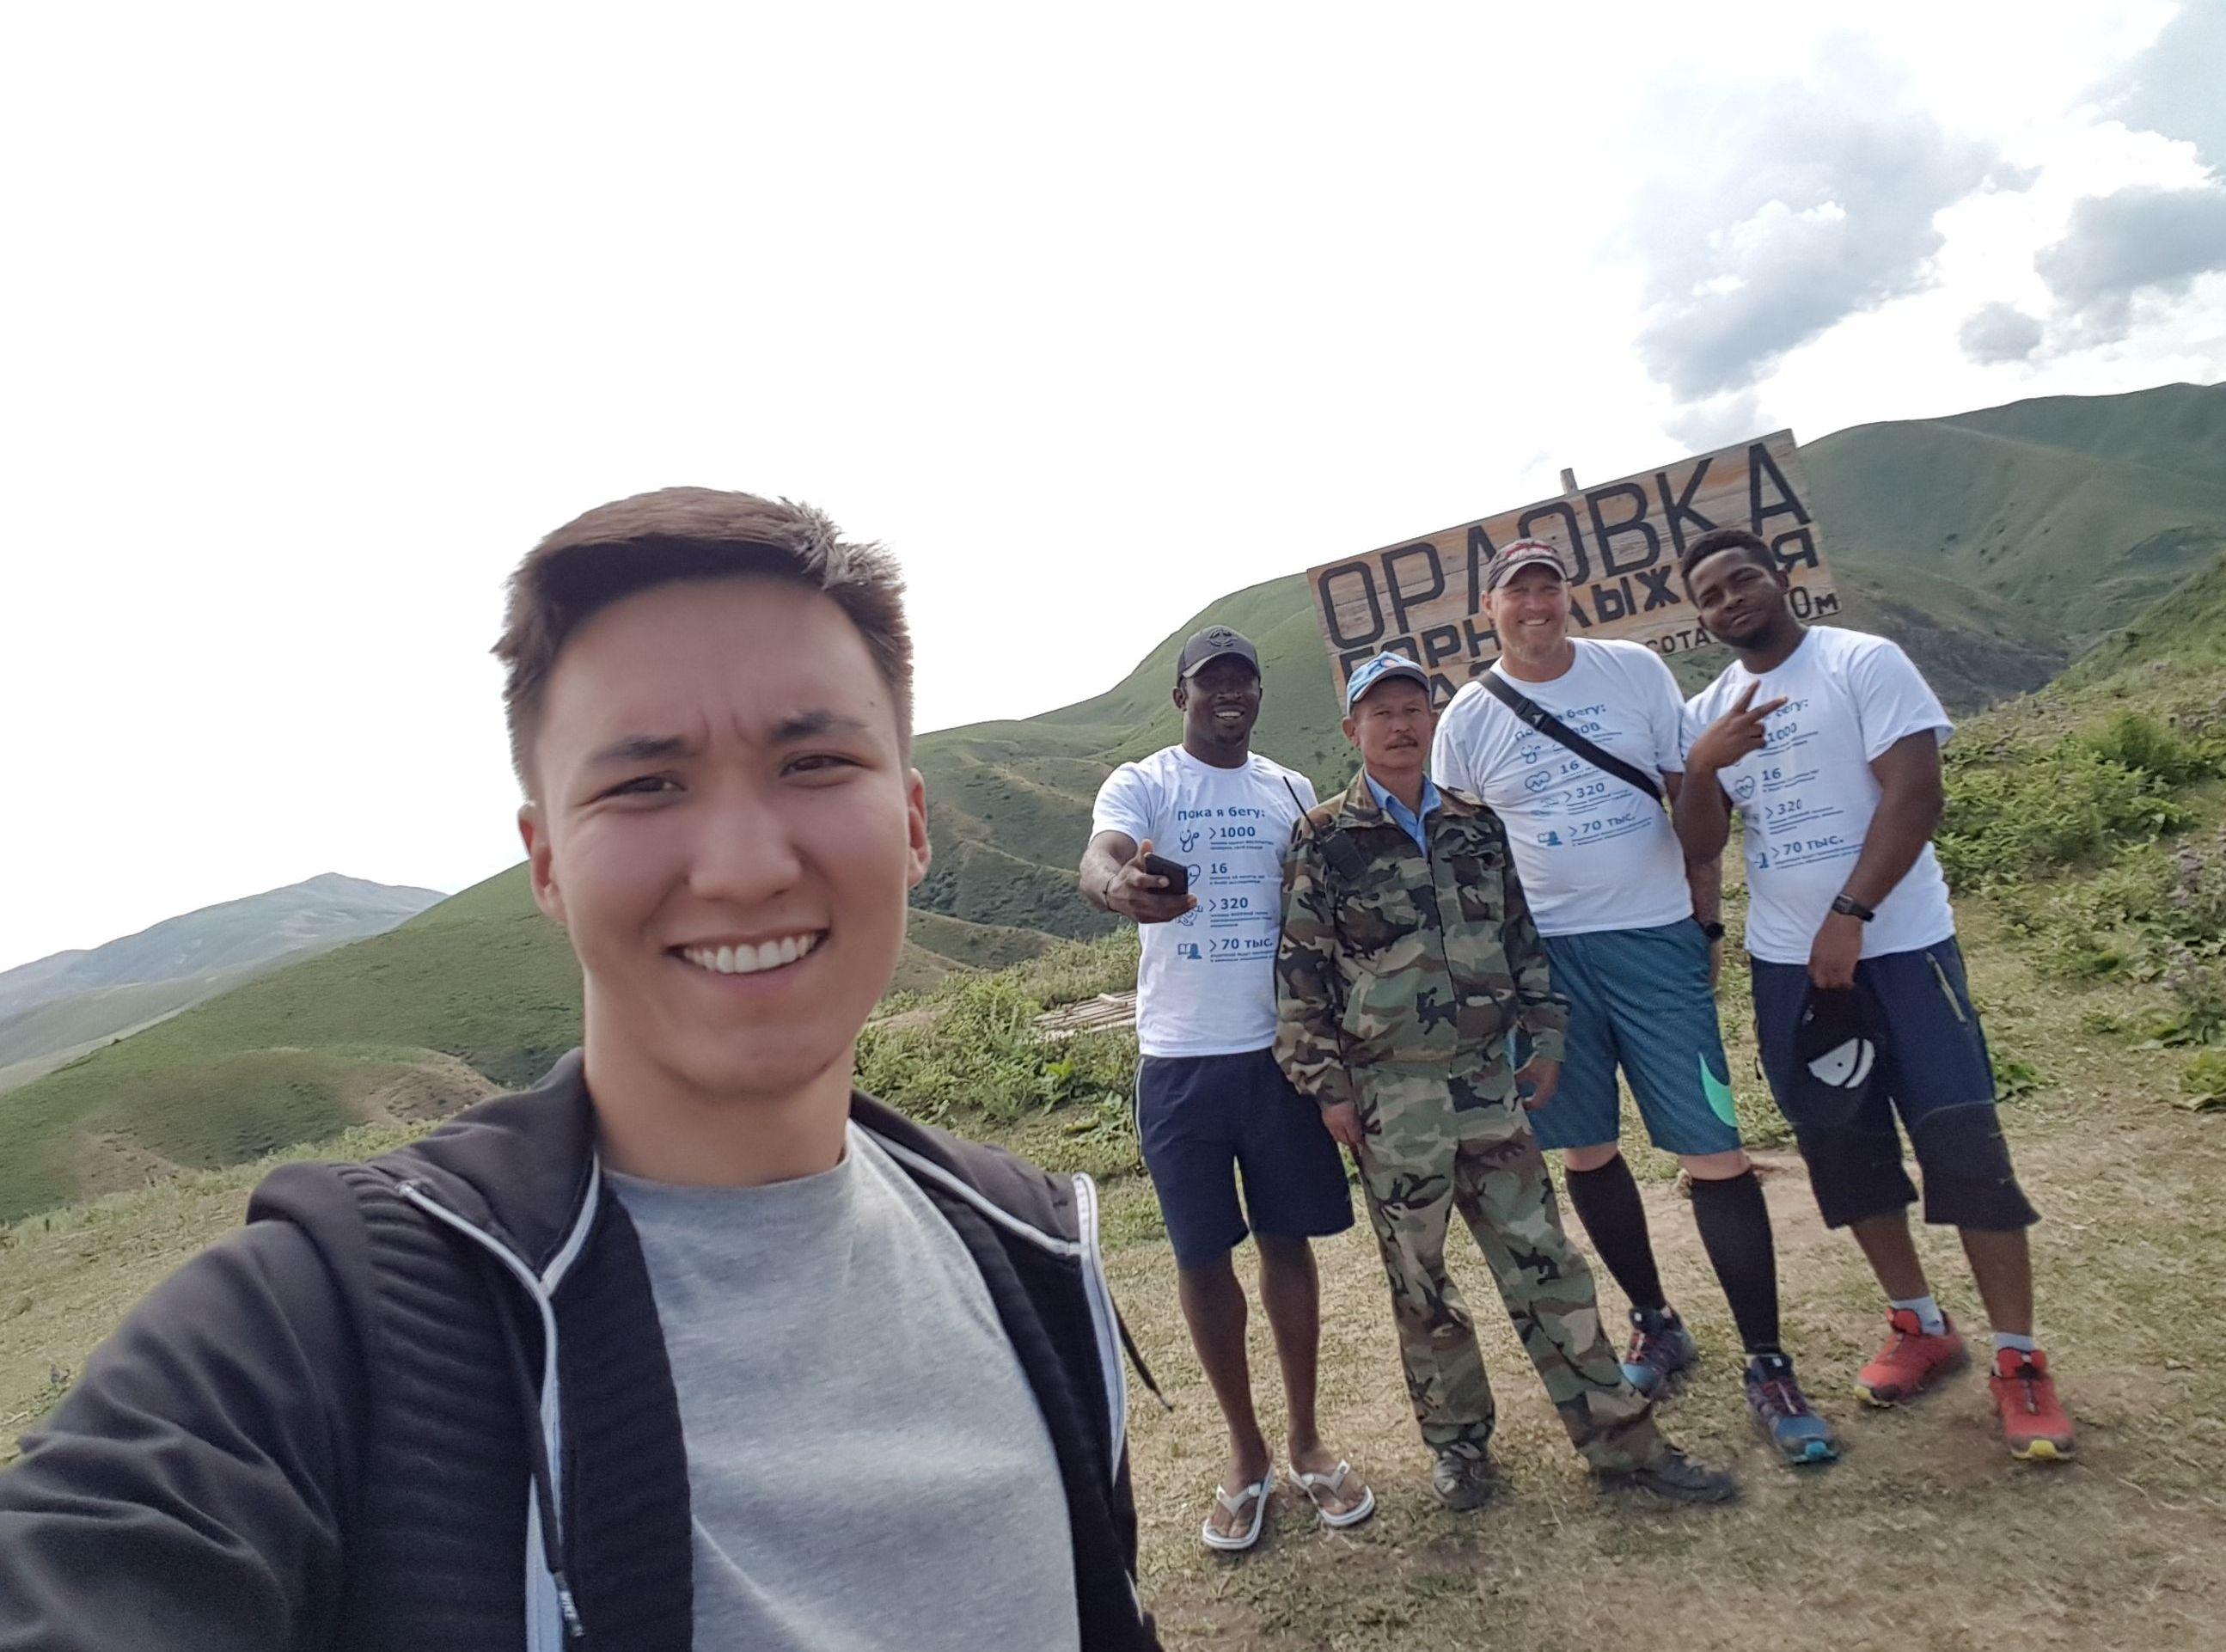 Учитель в бишкекской школе из Южно-Африканской Республики Джо Лабускахне во время путешествия по Кыргызстану